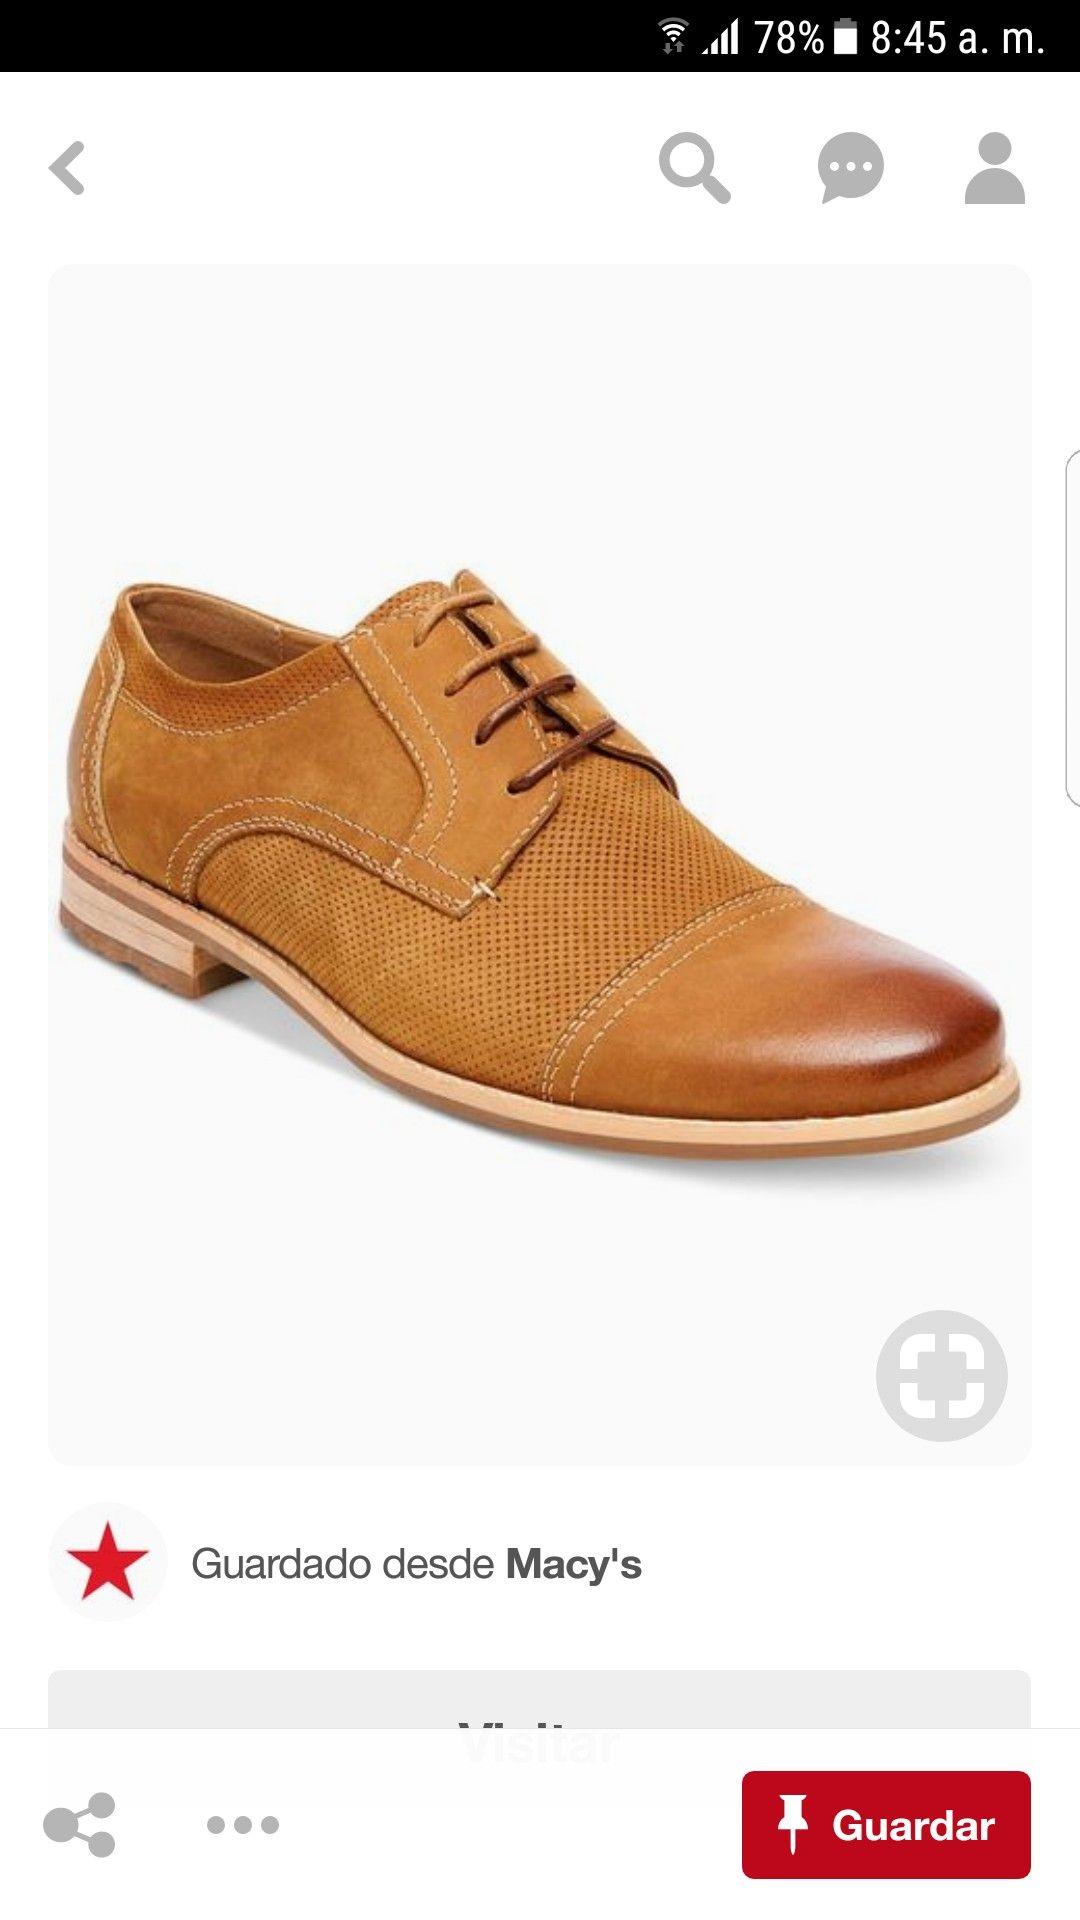 Pin de Carmelo Daloia en Zapatos casuales  5de3bbb0a65